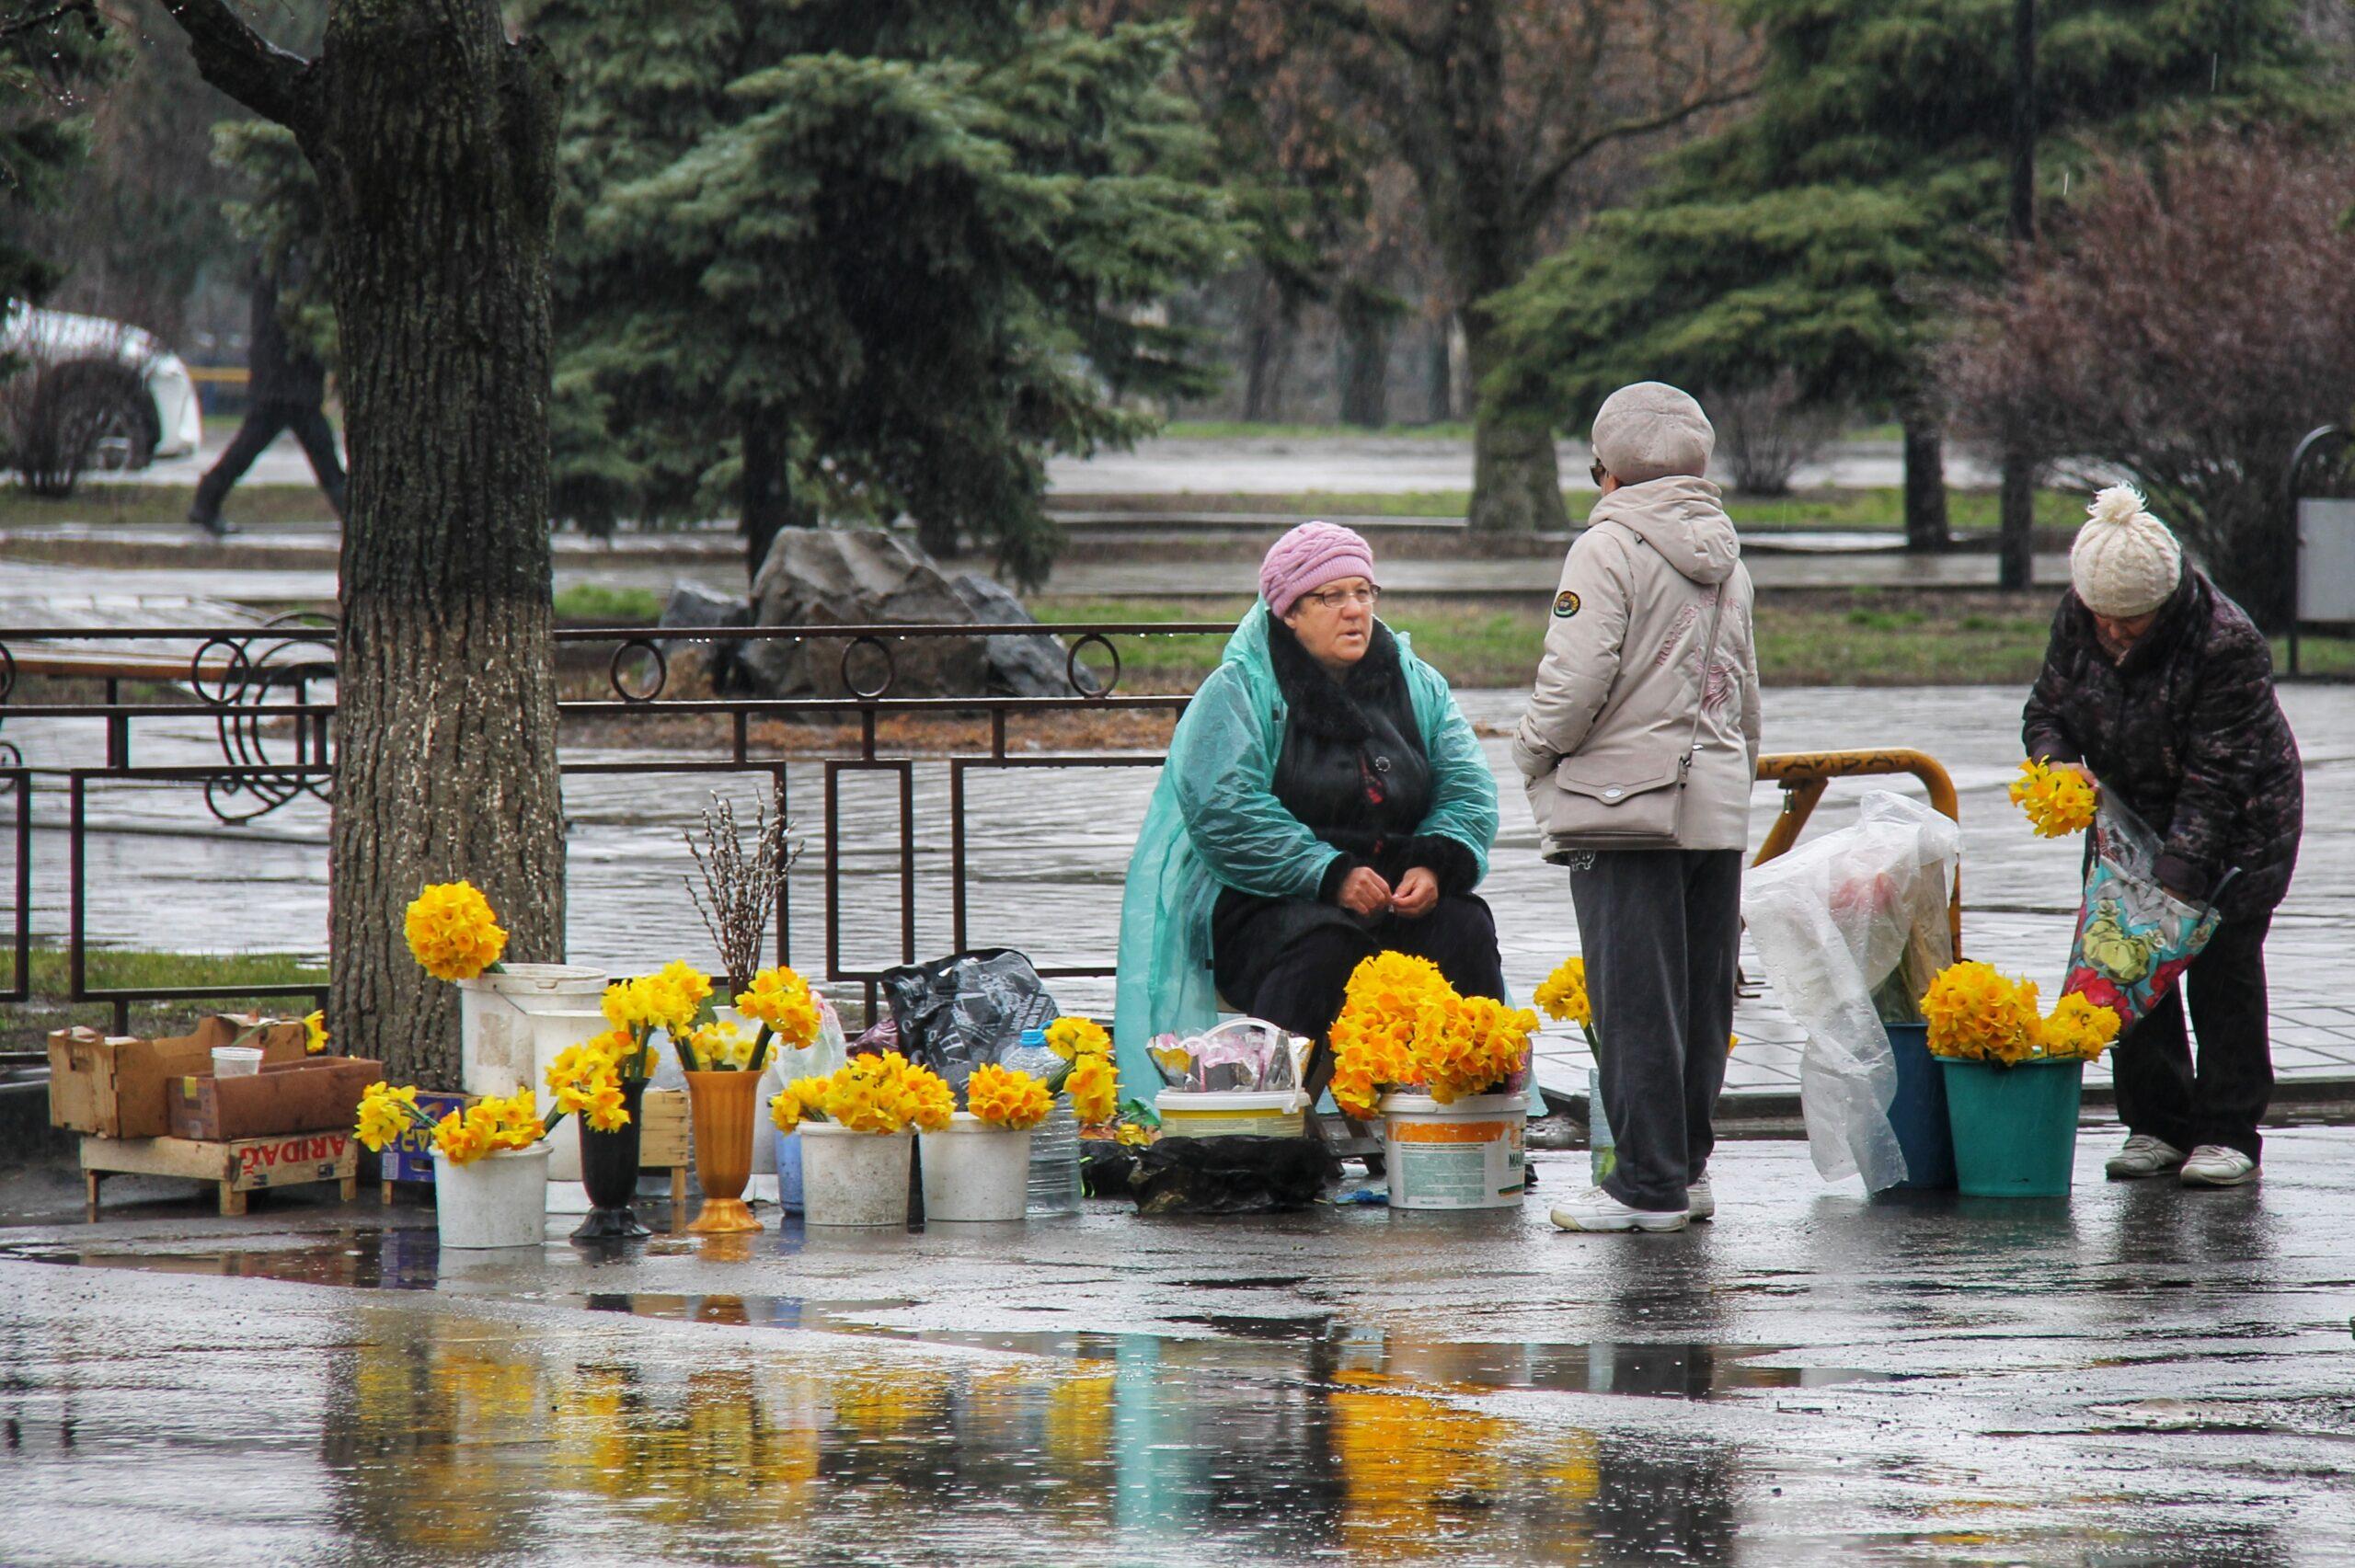 Выходные в Азове будут дождливыми